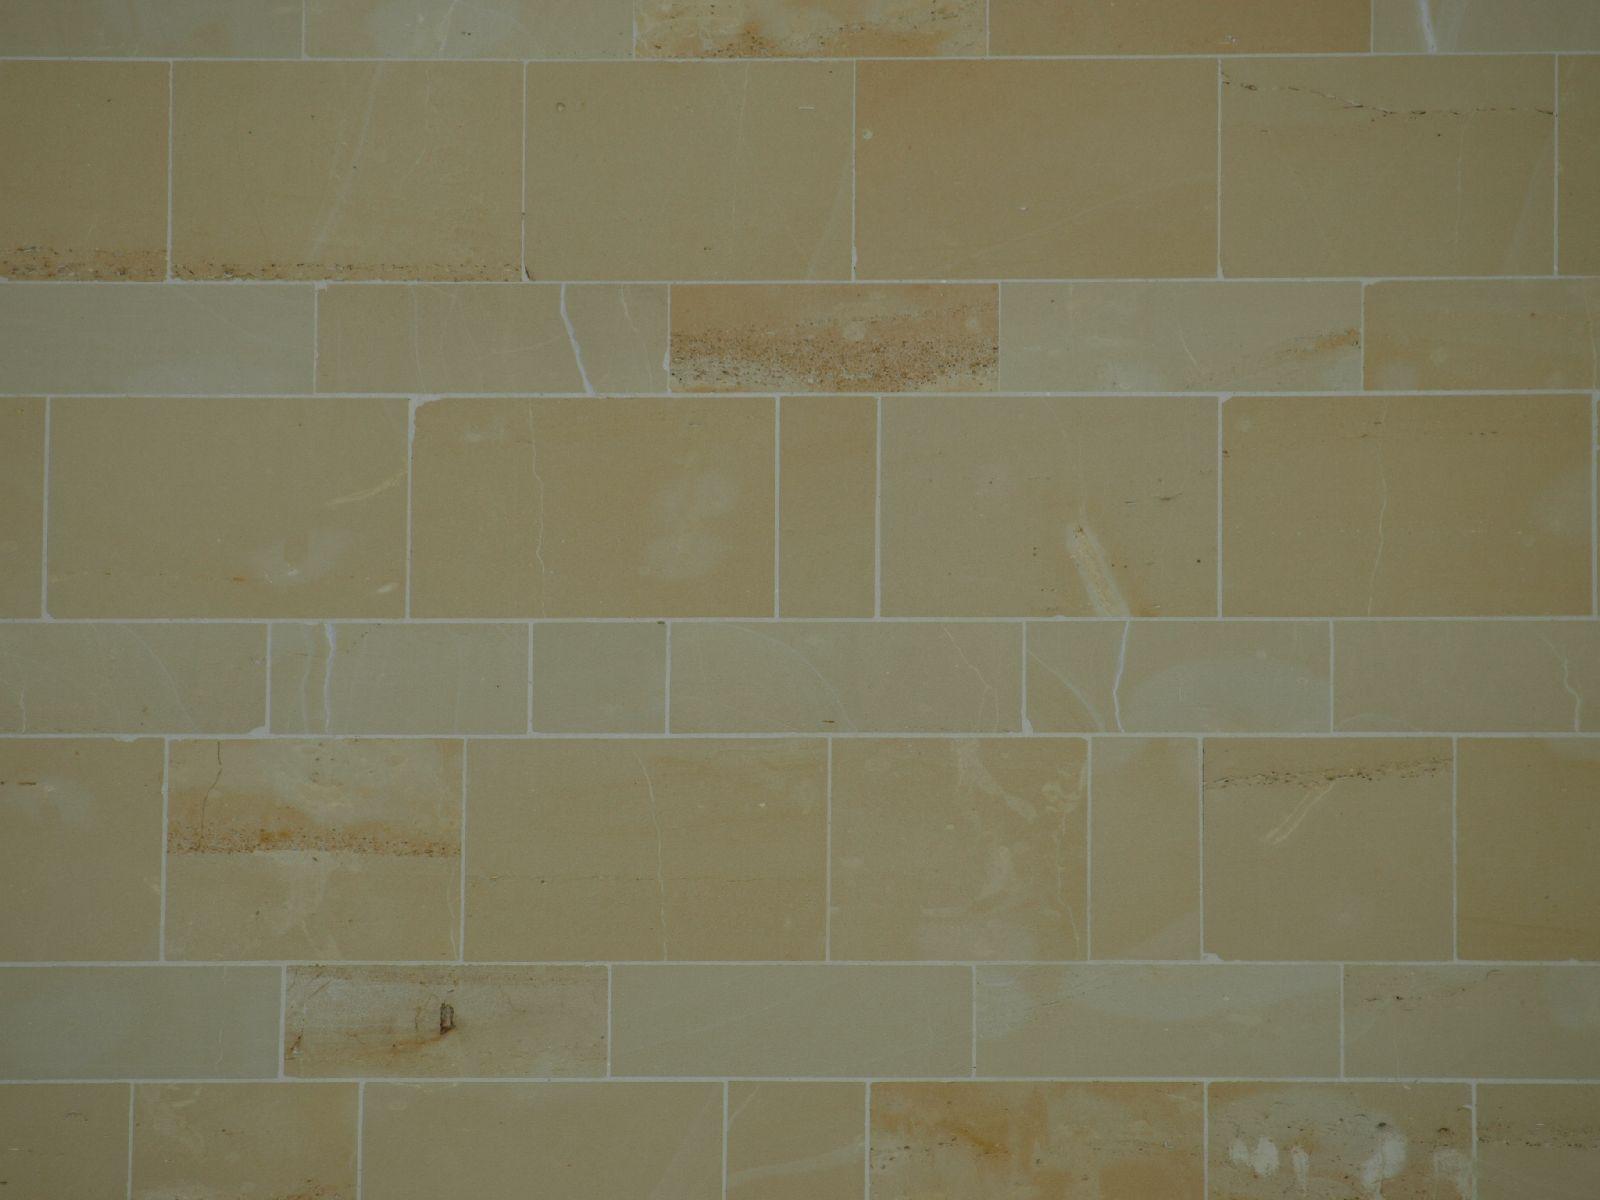 Brick_Texture_A_P6137282